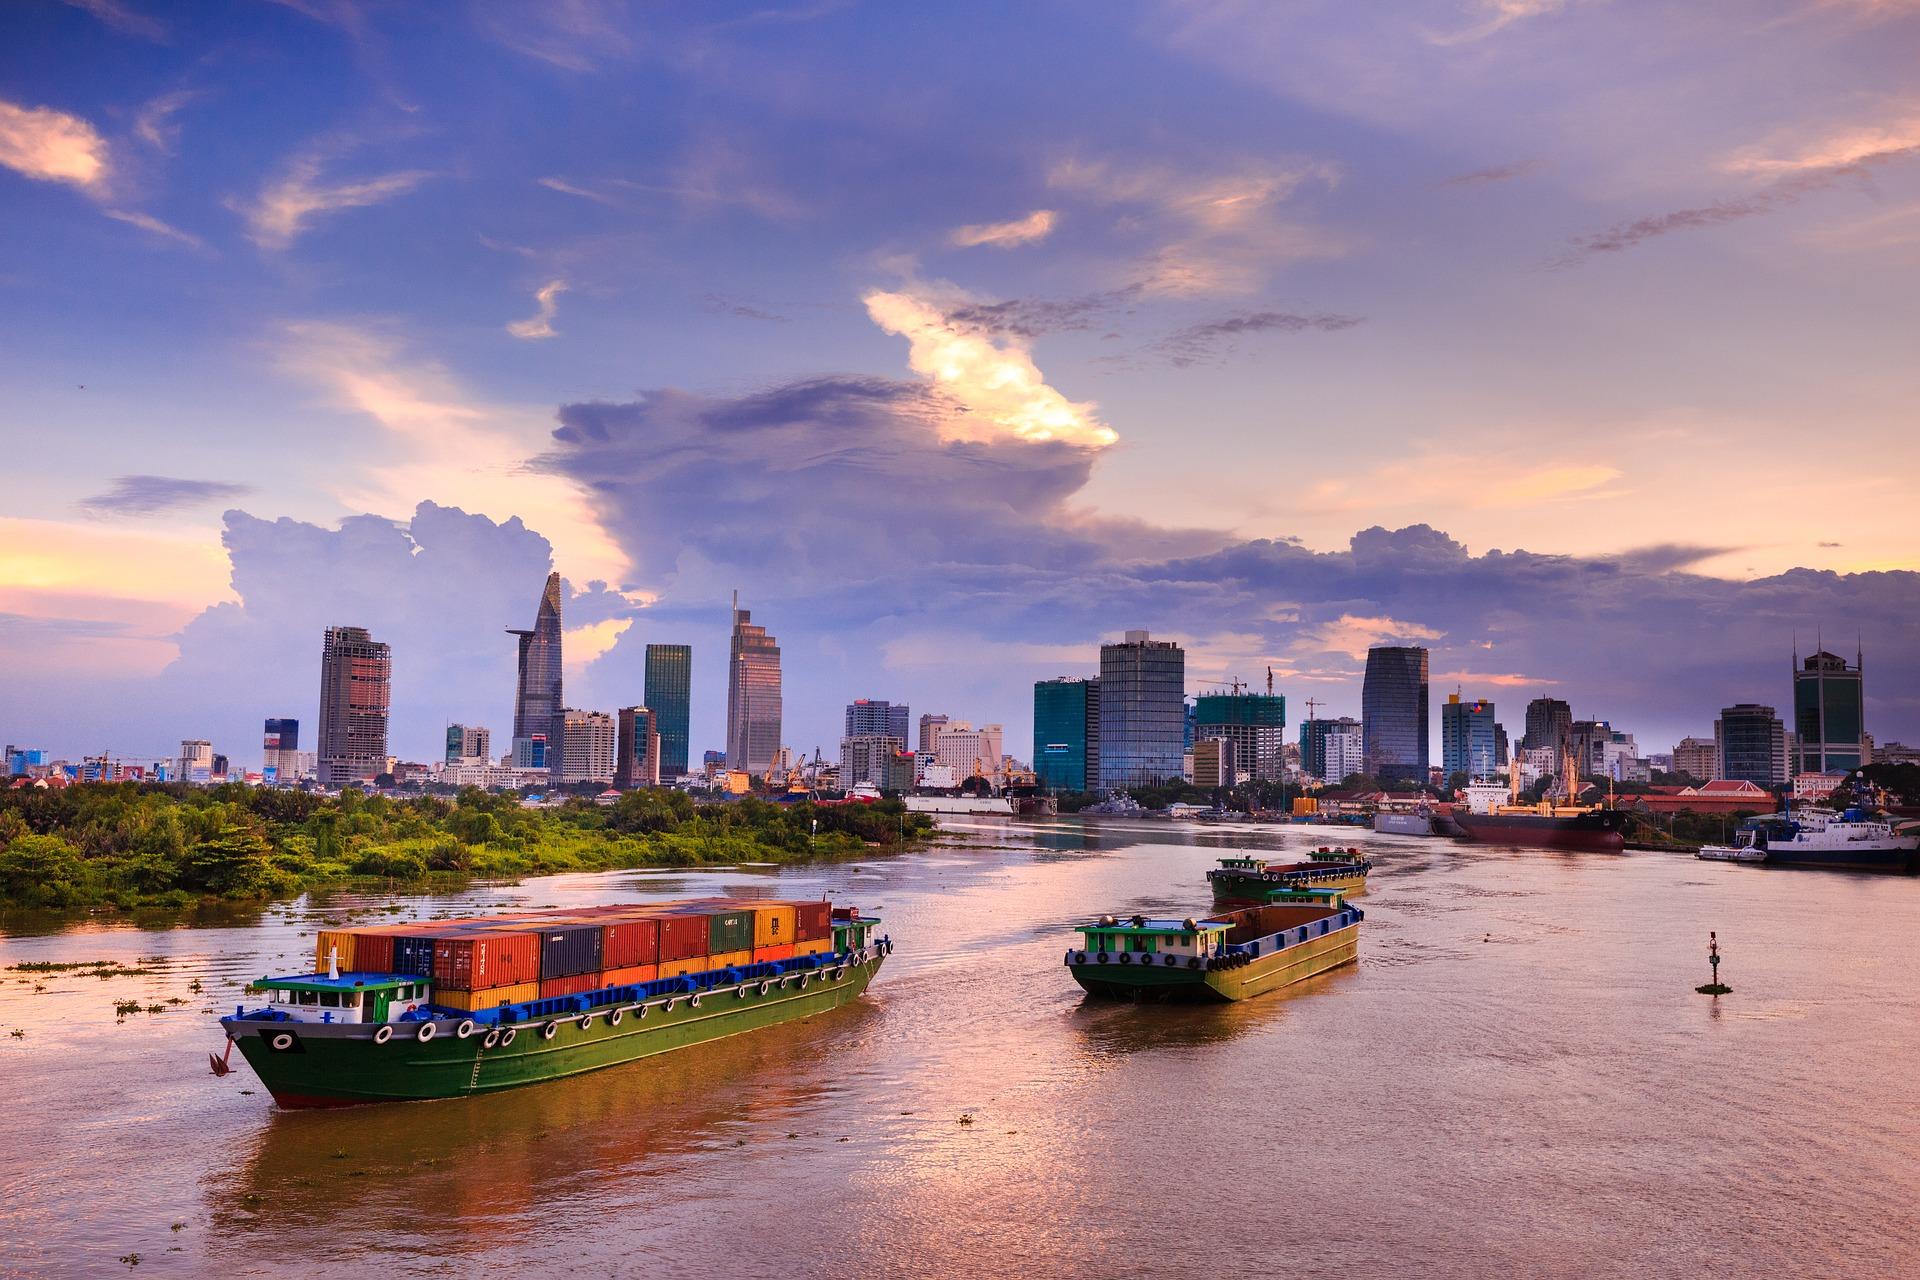 Das Bild der Großstadt